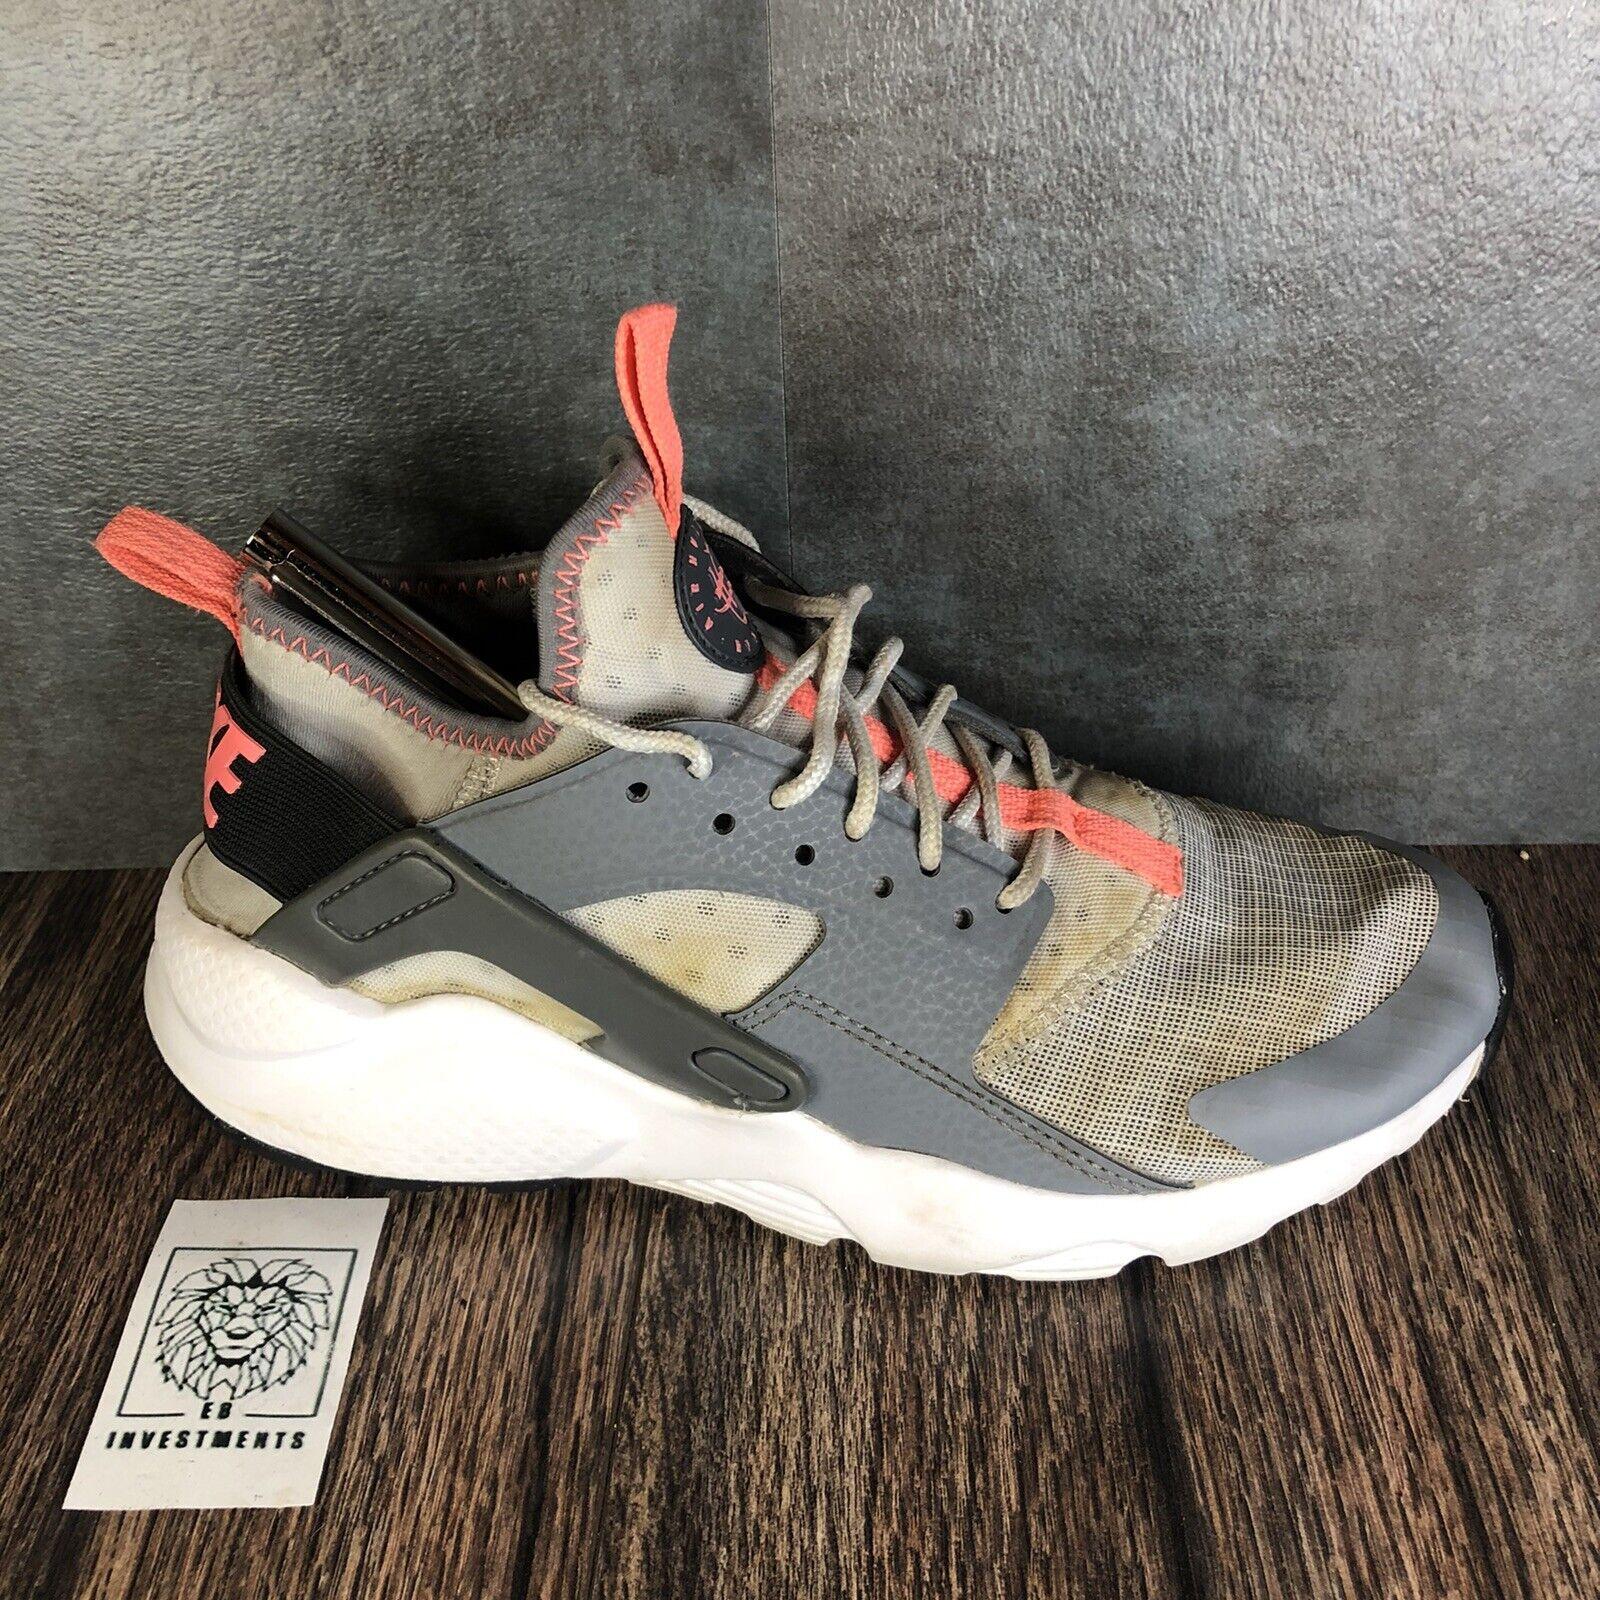 Nike Girls Air Huarache Run Ultra 847568-005 Gray Pink Sneaker Shoes Size 4y